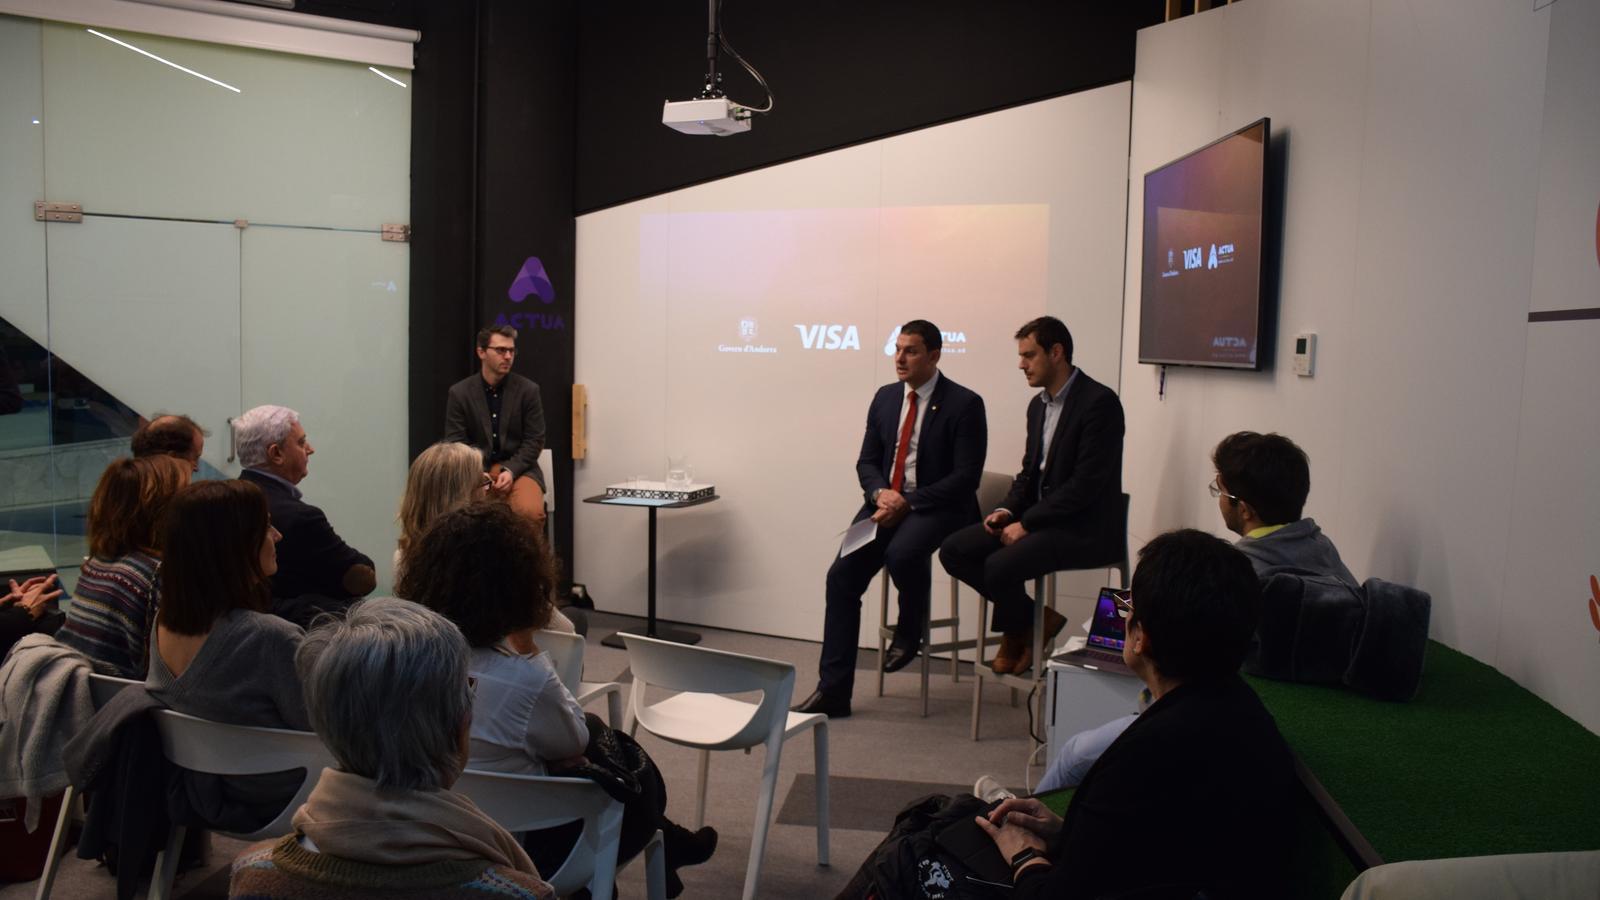 Públic assistent en l'esdeveniment informatiu sobre les dades de l'acord amb VISA. / M. R. F.